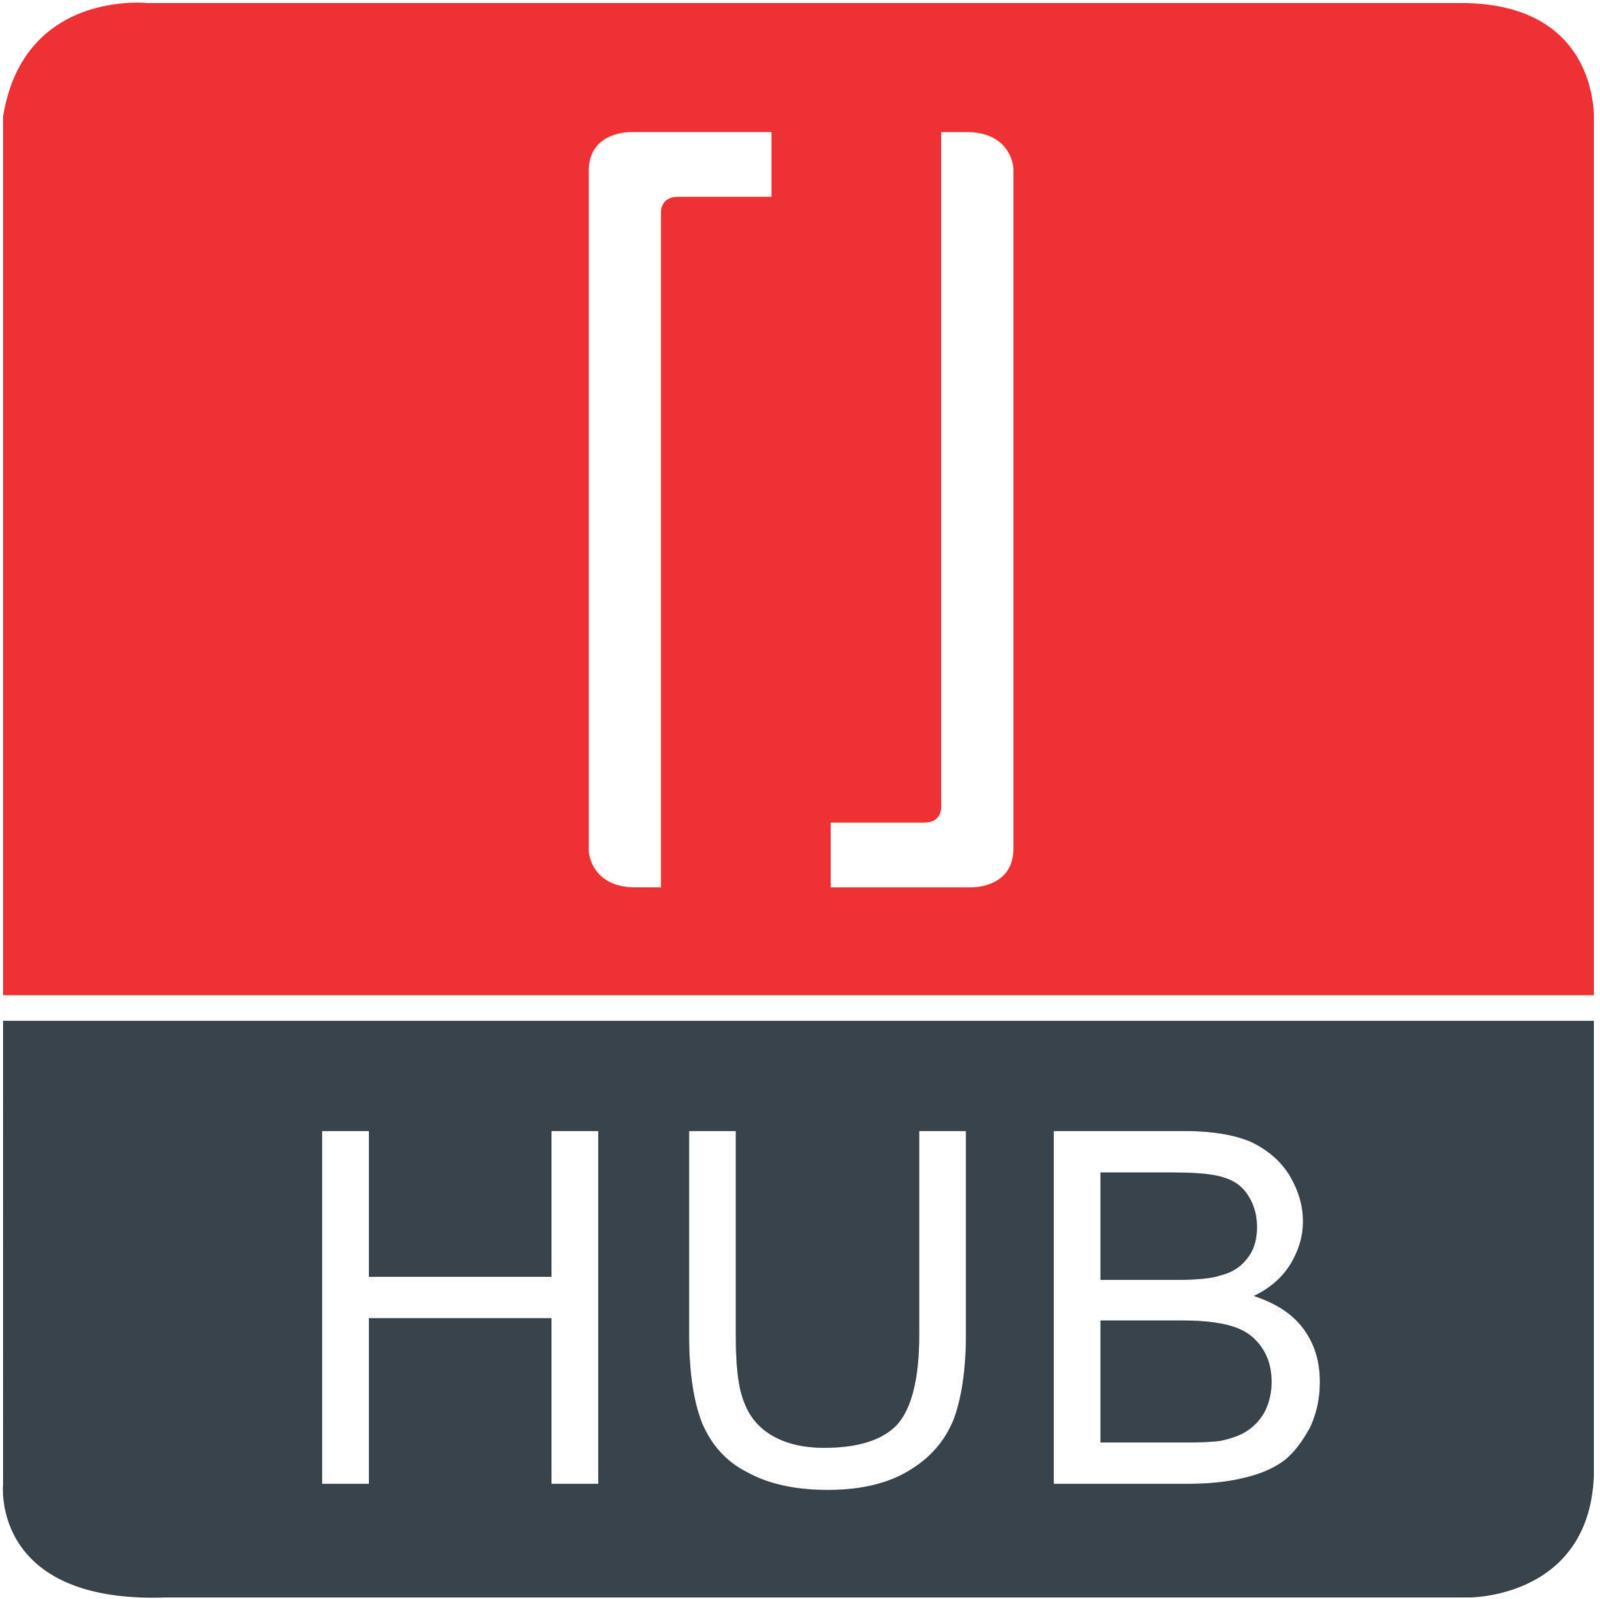 Redbracket HUB | Help